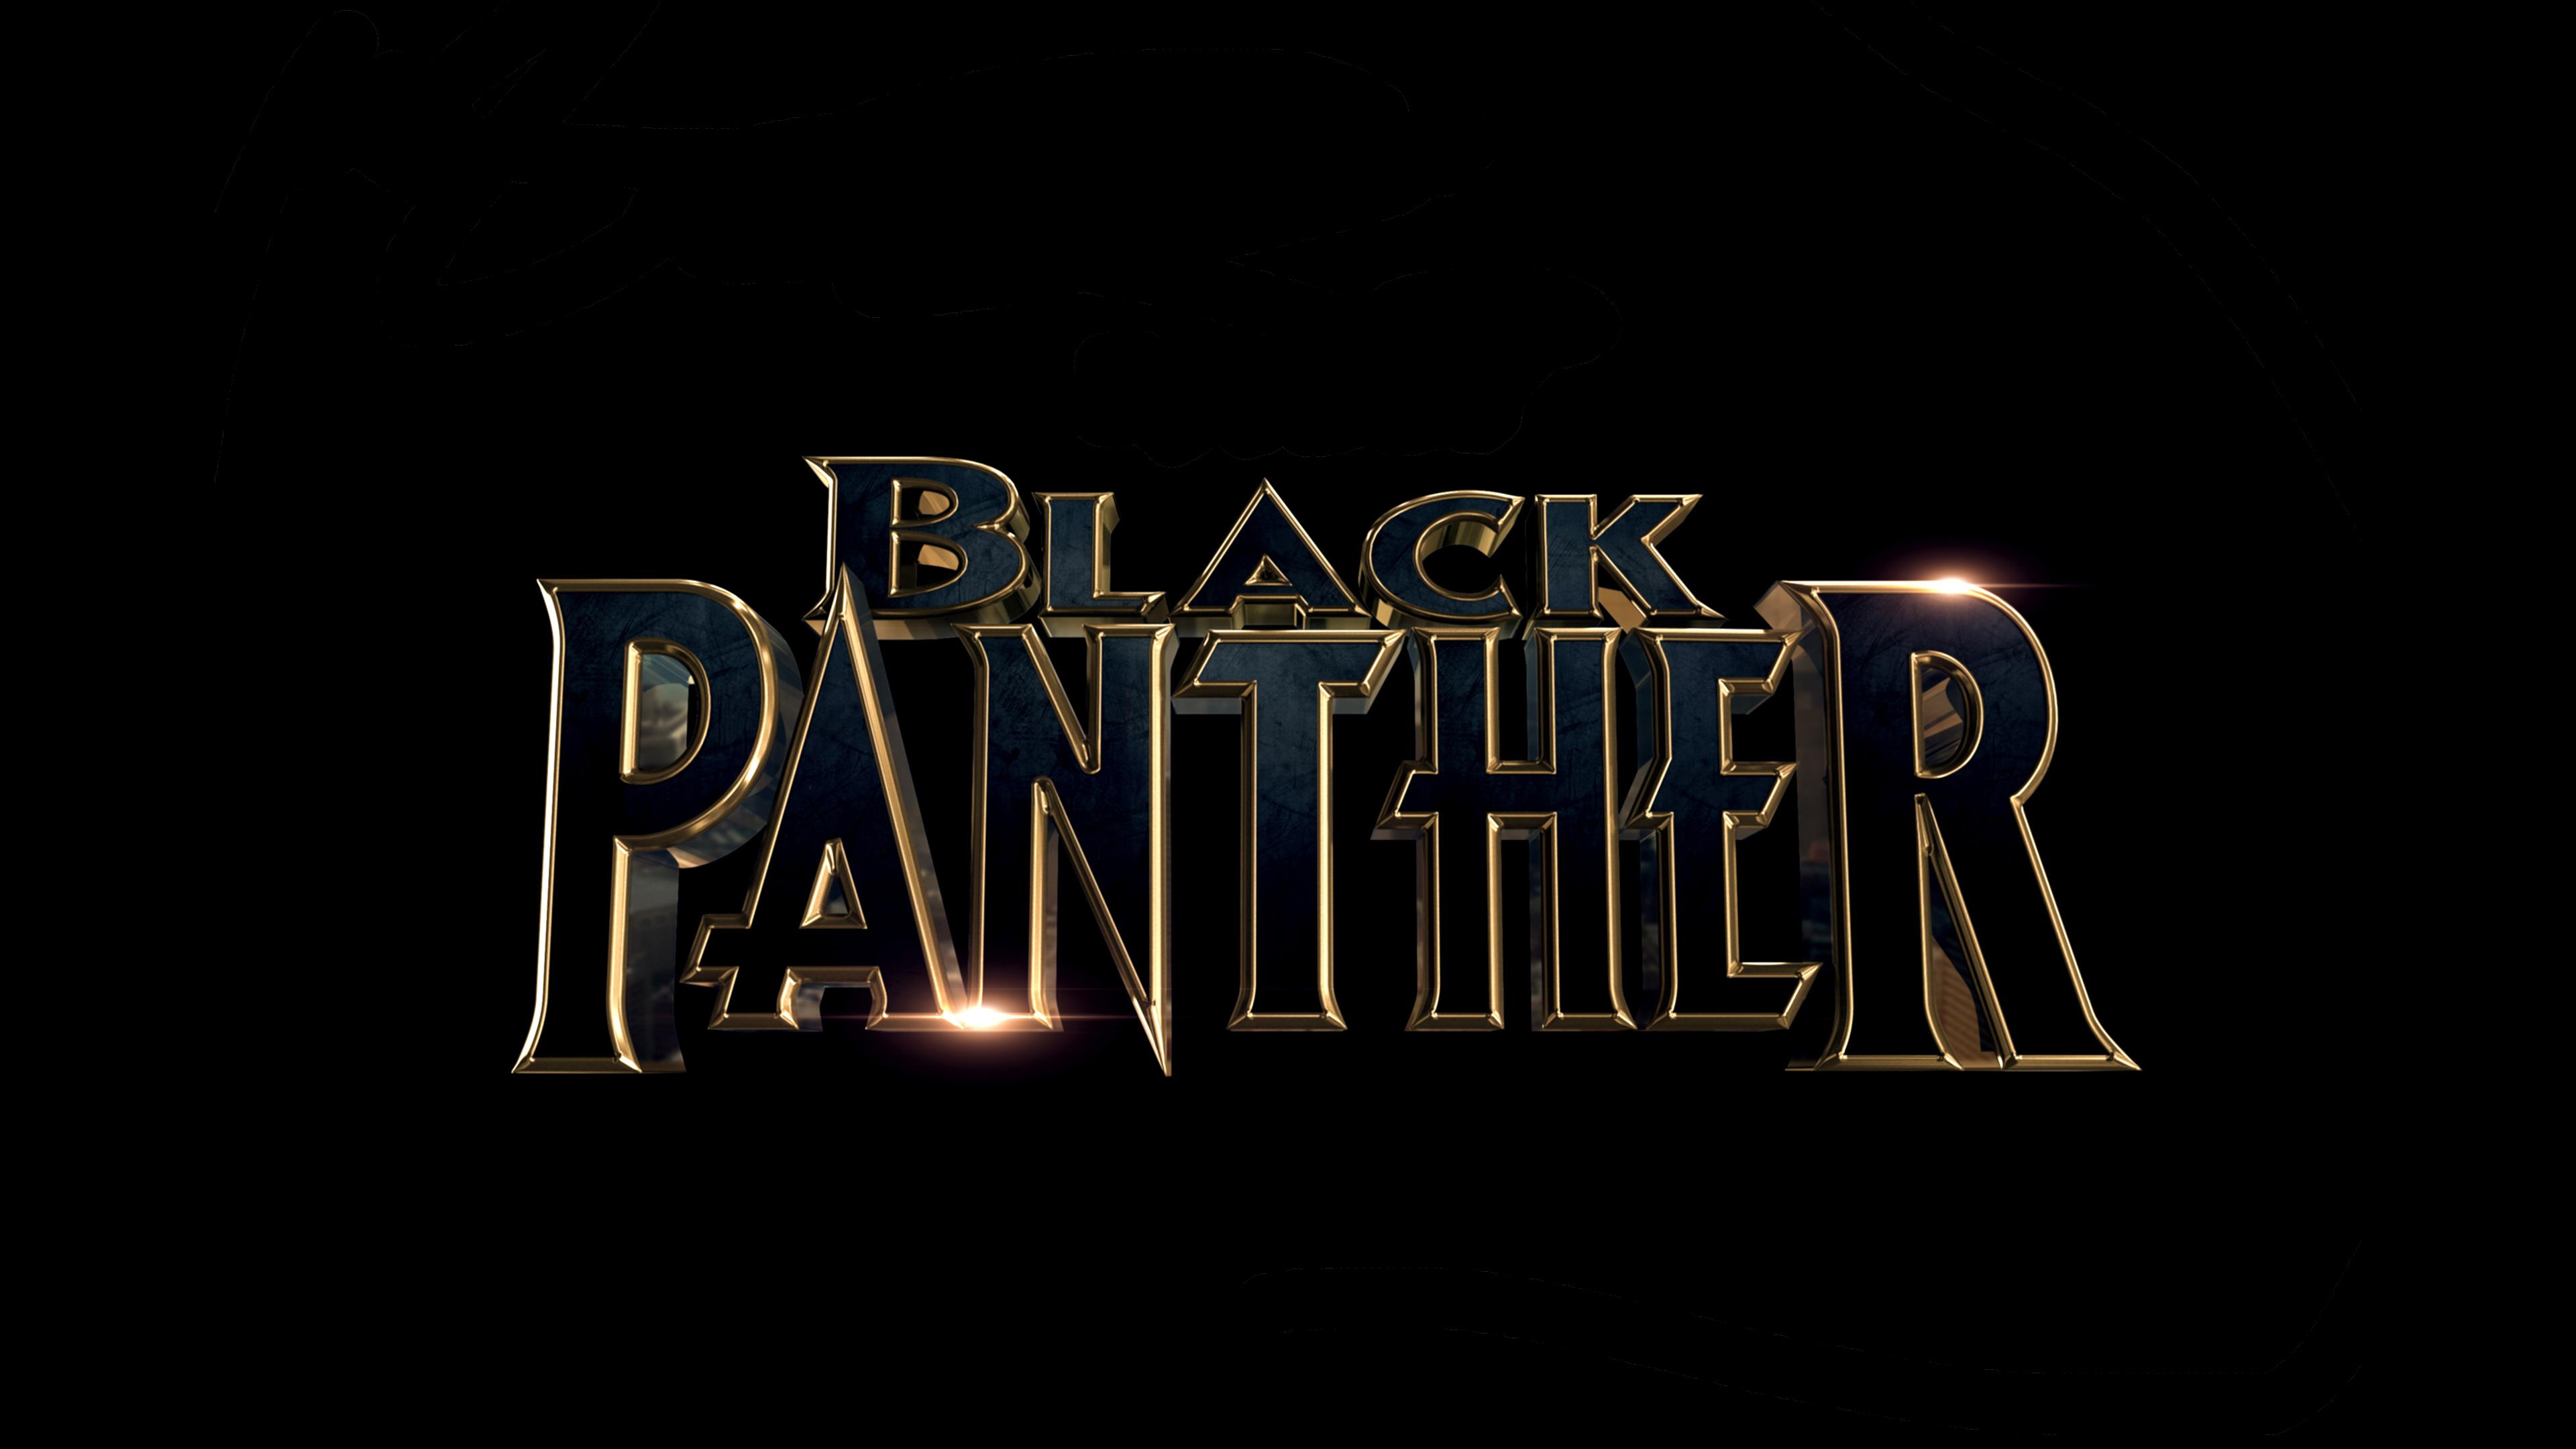 Great Wallpaper Movie Black - black-panther-2018-movie-lu  HD_129543.jpg